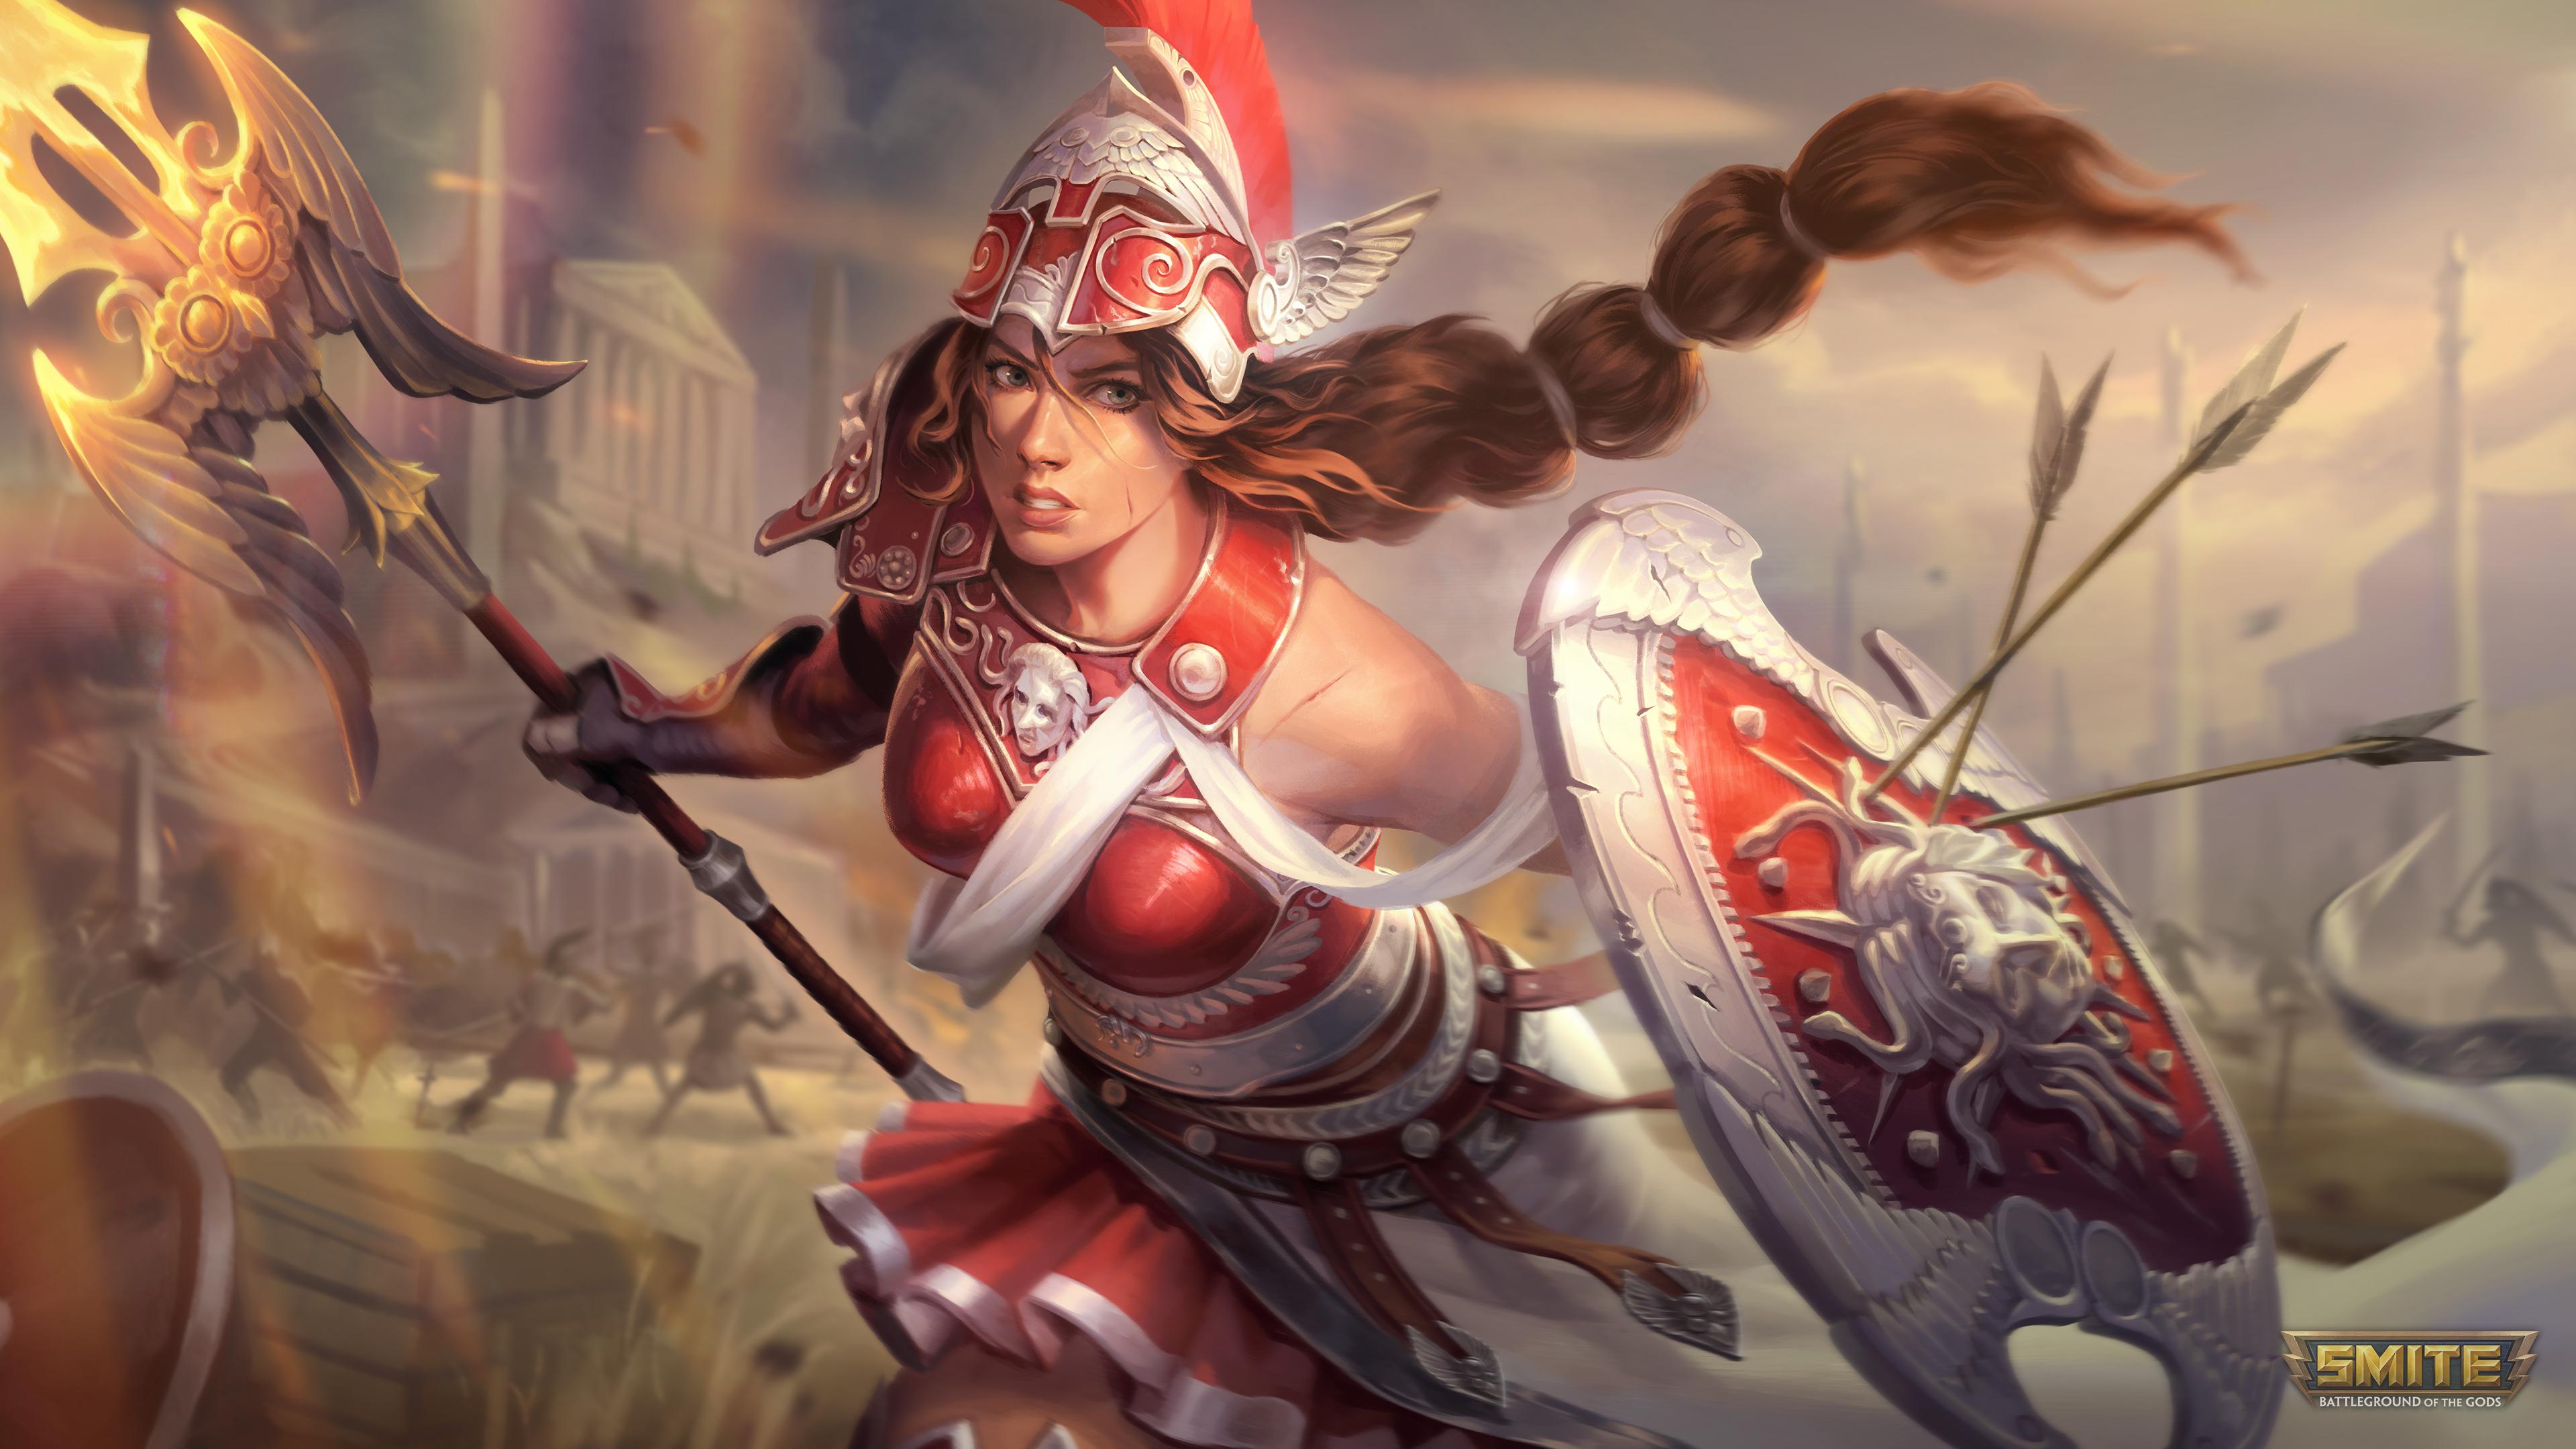 Smite Athena Smite 3840x2160